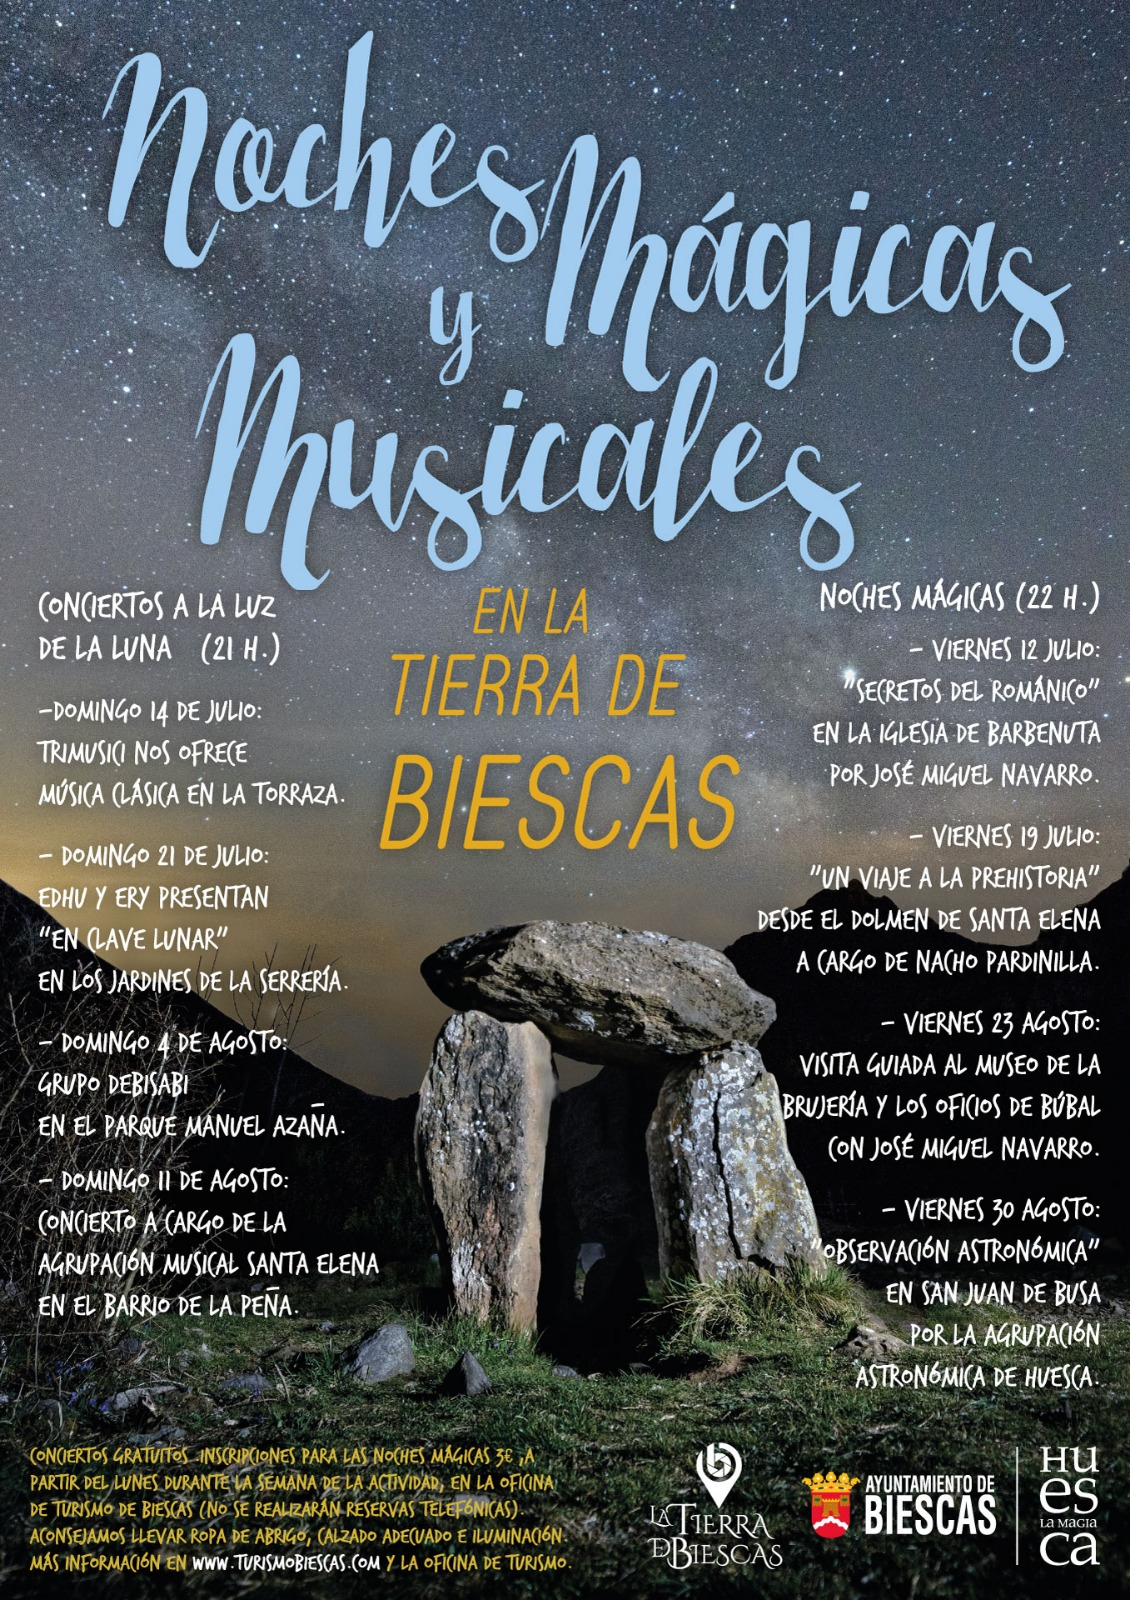 Noches Mágicas y Musicales por la Tierra de Biescas